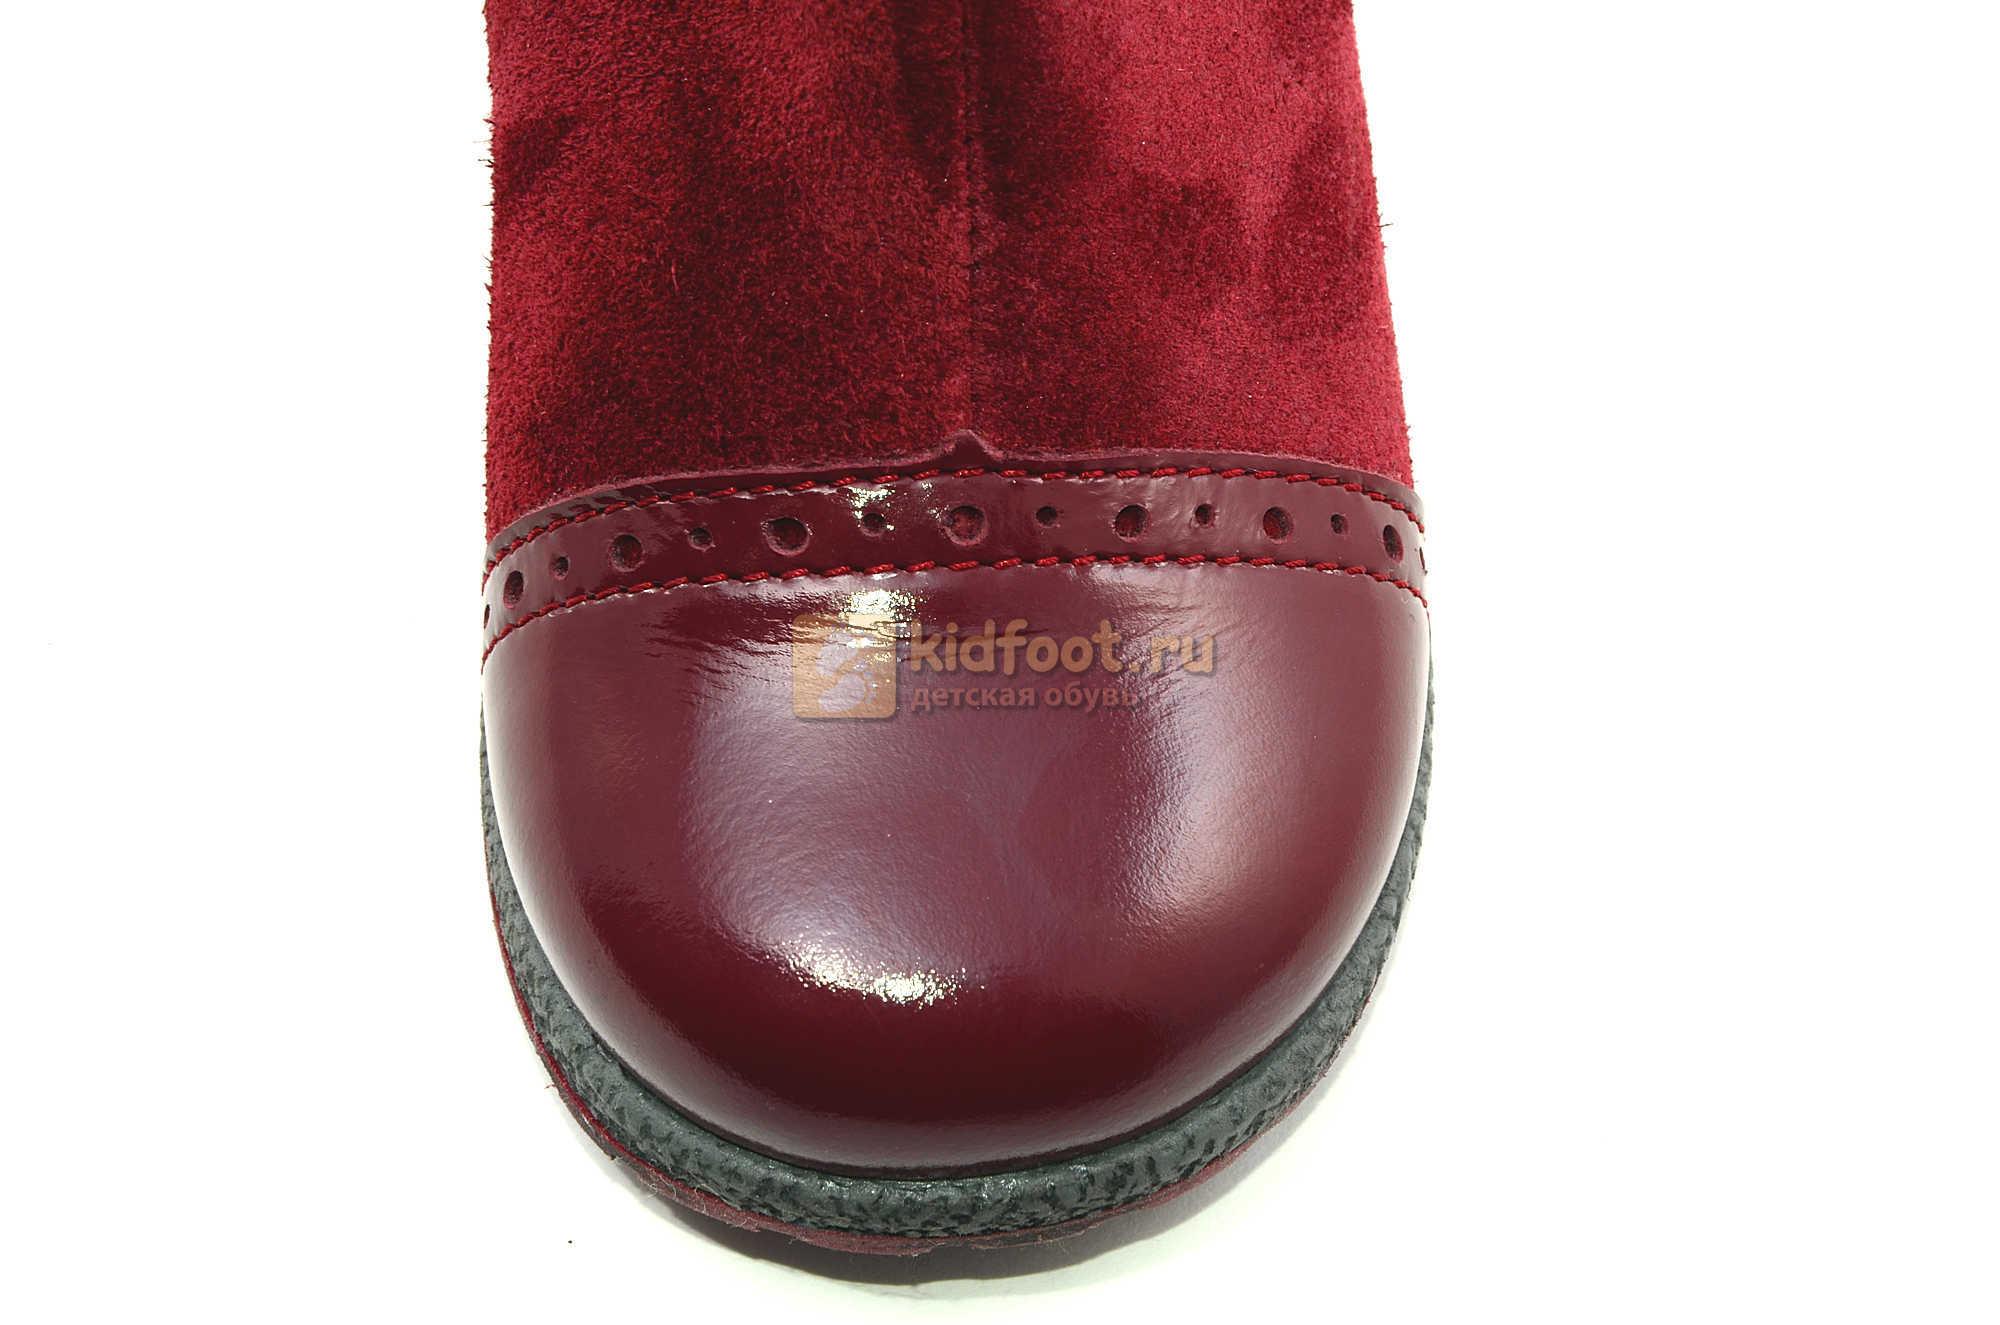 Демисезонные полусапожки Лель (LEL) из натуральной кожи на байке для девочек, цвет бордо